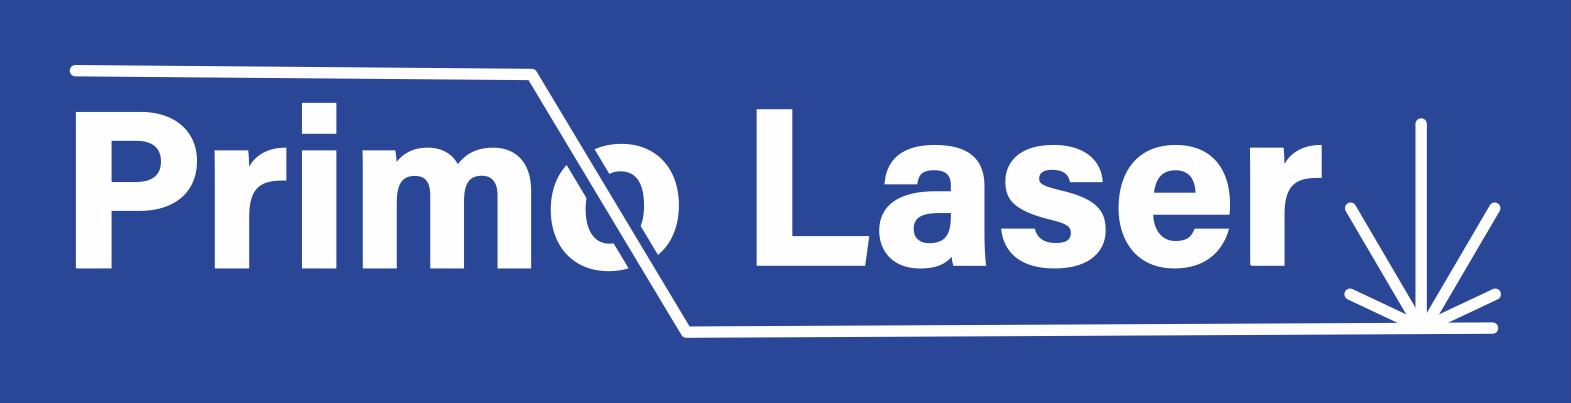 Logo PrimoLaser Bleu